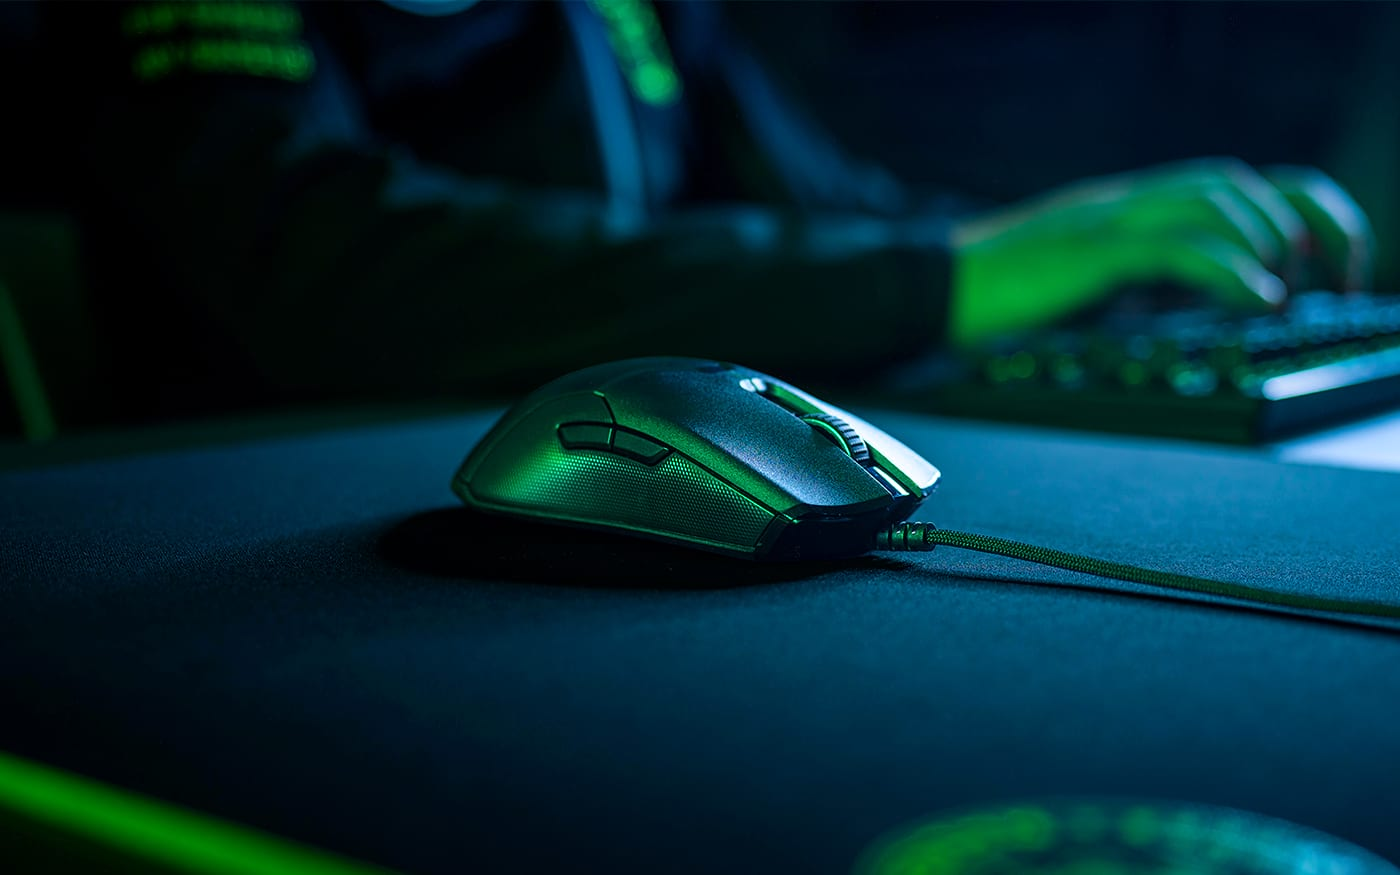 Razer lança mouse Razer Viper no Brasil com switches ópticos